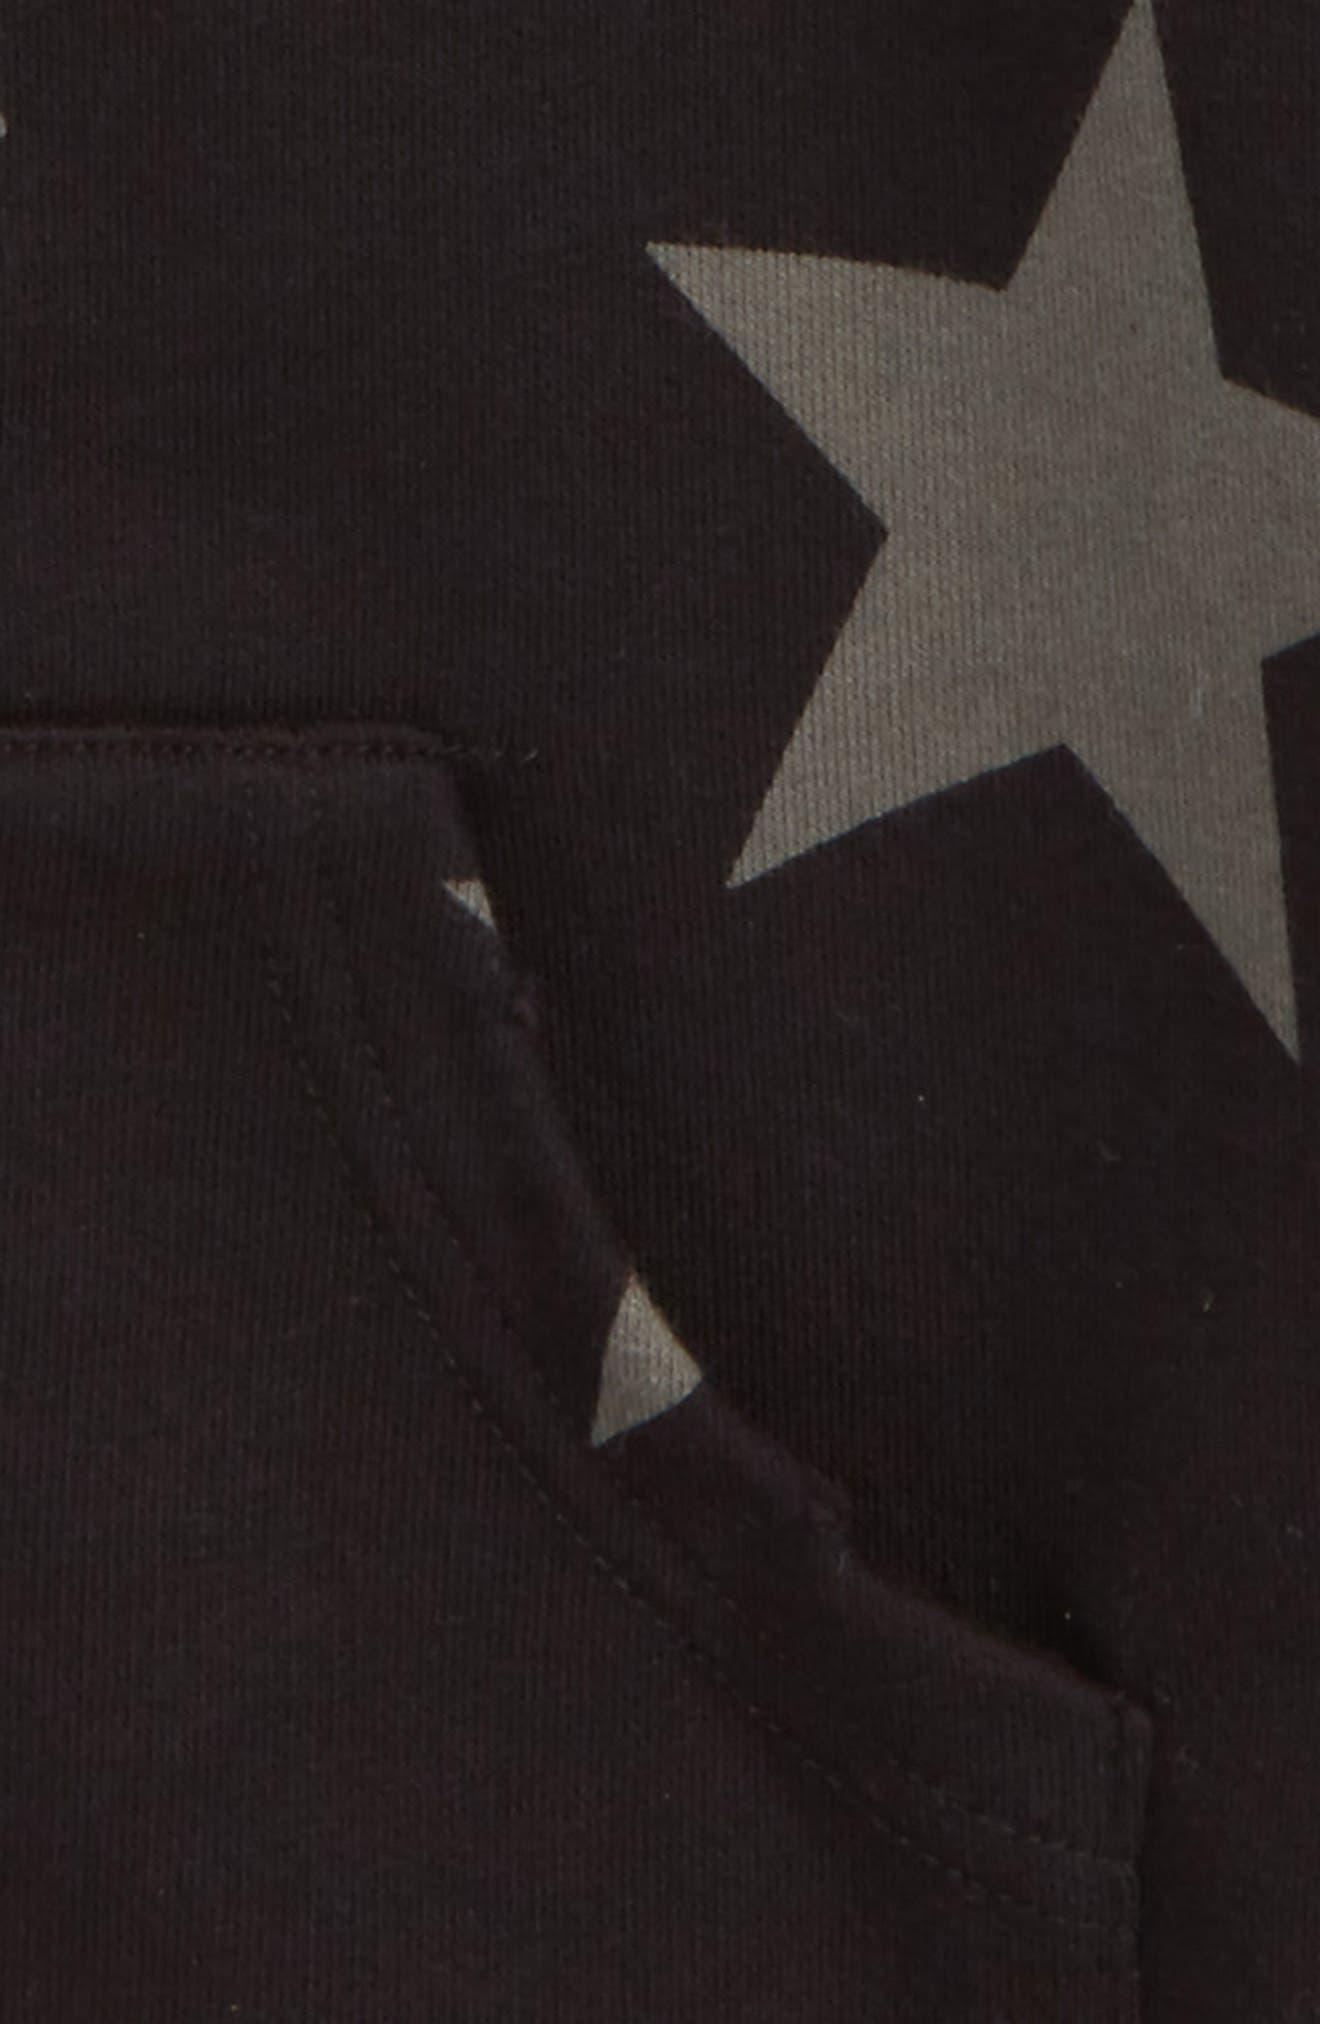 Star Zip Hoodie,                             Alternate thumbnail 2, color,                             Black